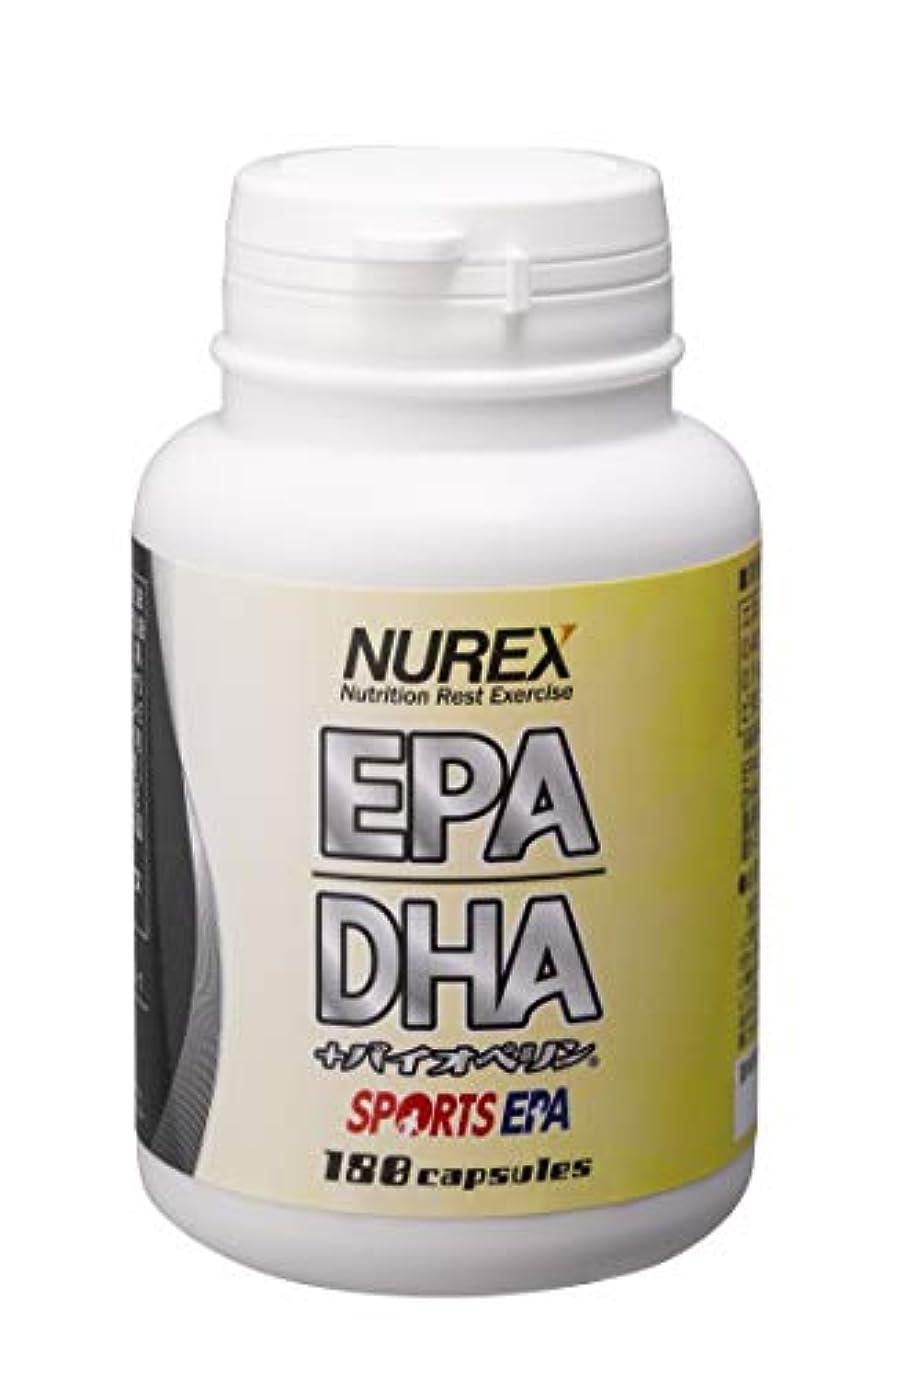 キノコ服を着る郵便EPA/DHA+バイオぺリン180粒